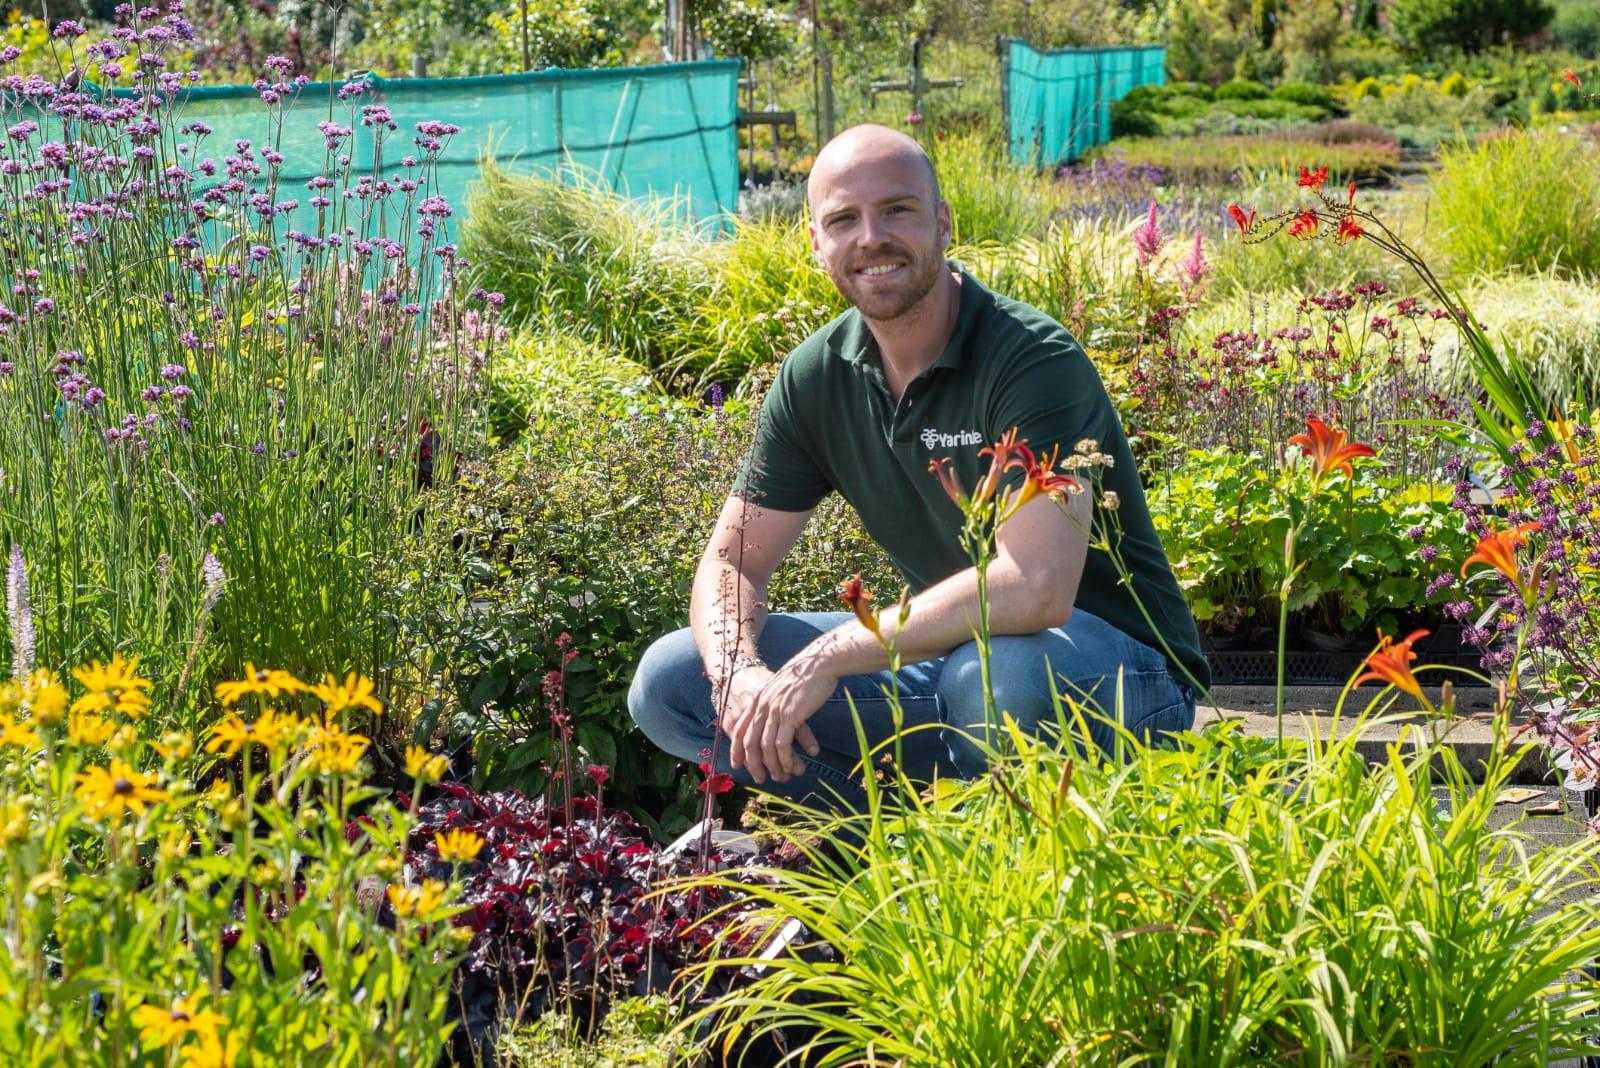 Even voorstellen tuinplanten borderpakketten